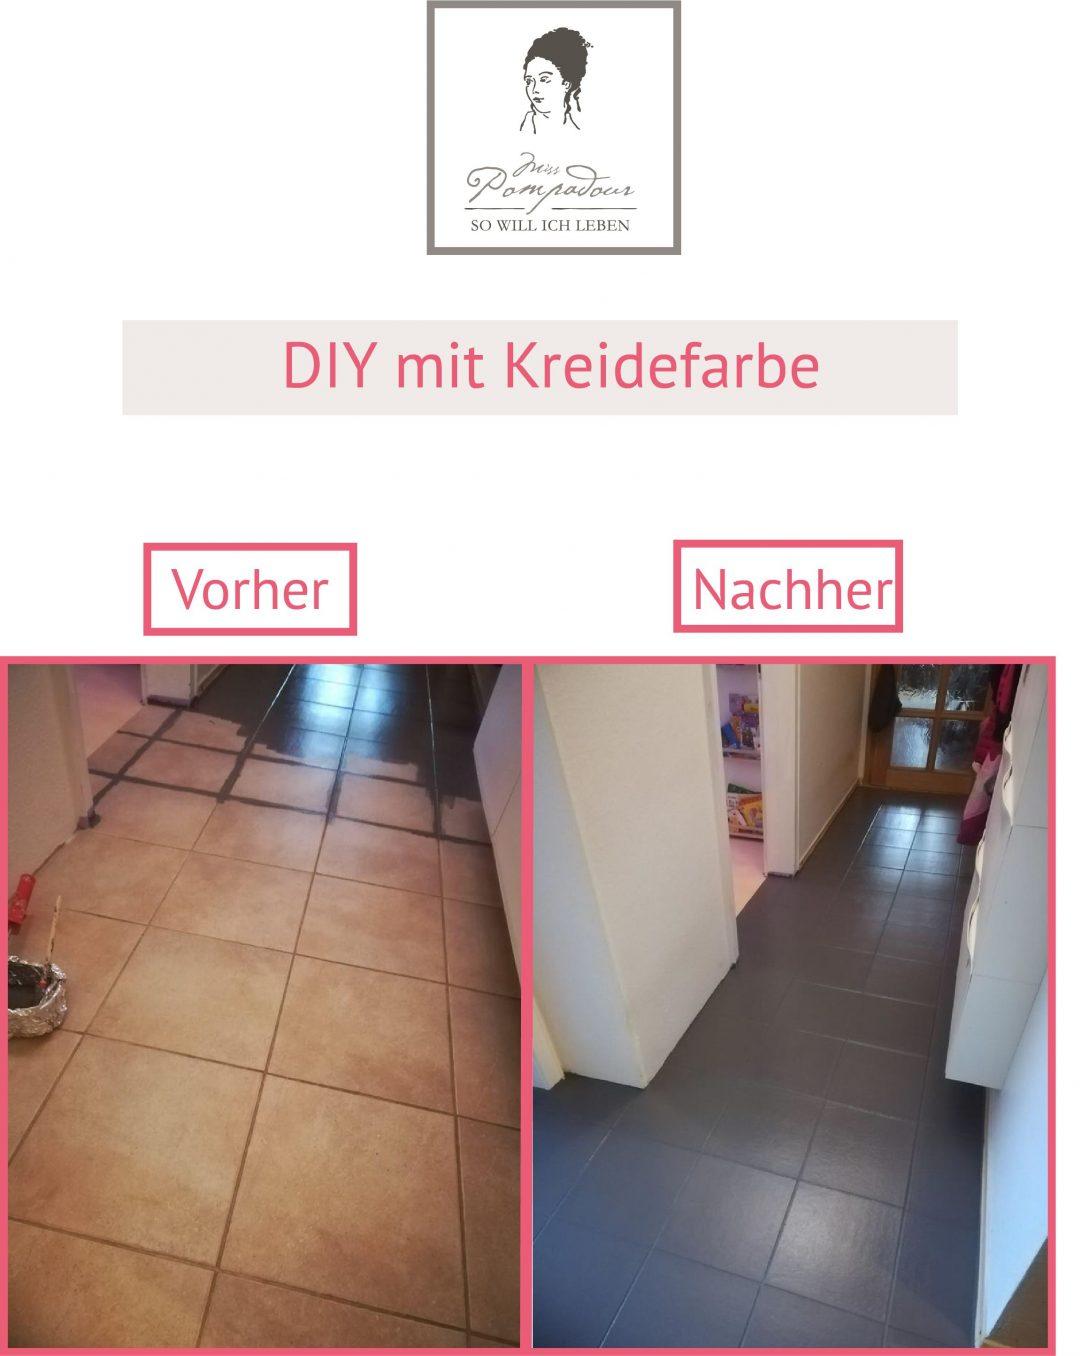 Large Size of Fliesen Streichen Mit Kreidefarbe Ideen Sammlung Bad Bodenfliesen Küche Wohnzimmer Bodenfliesen Streichen